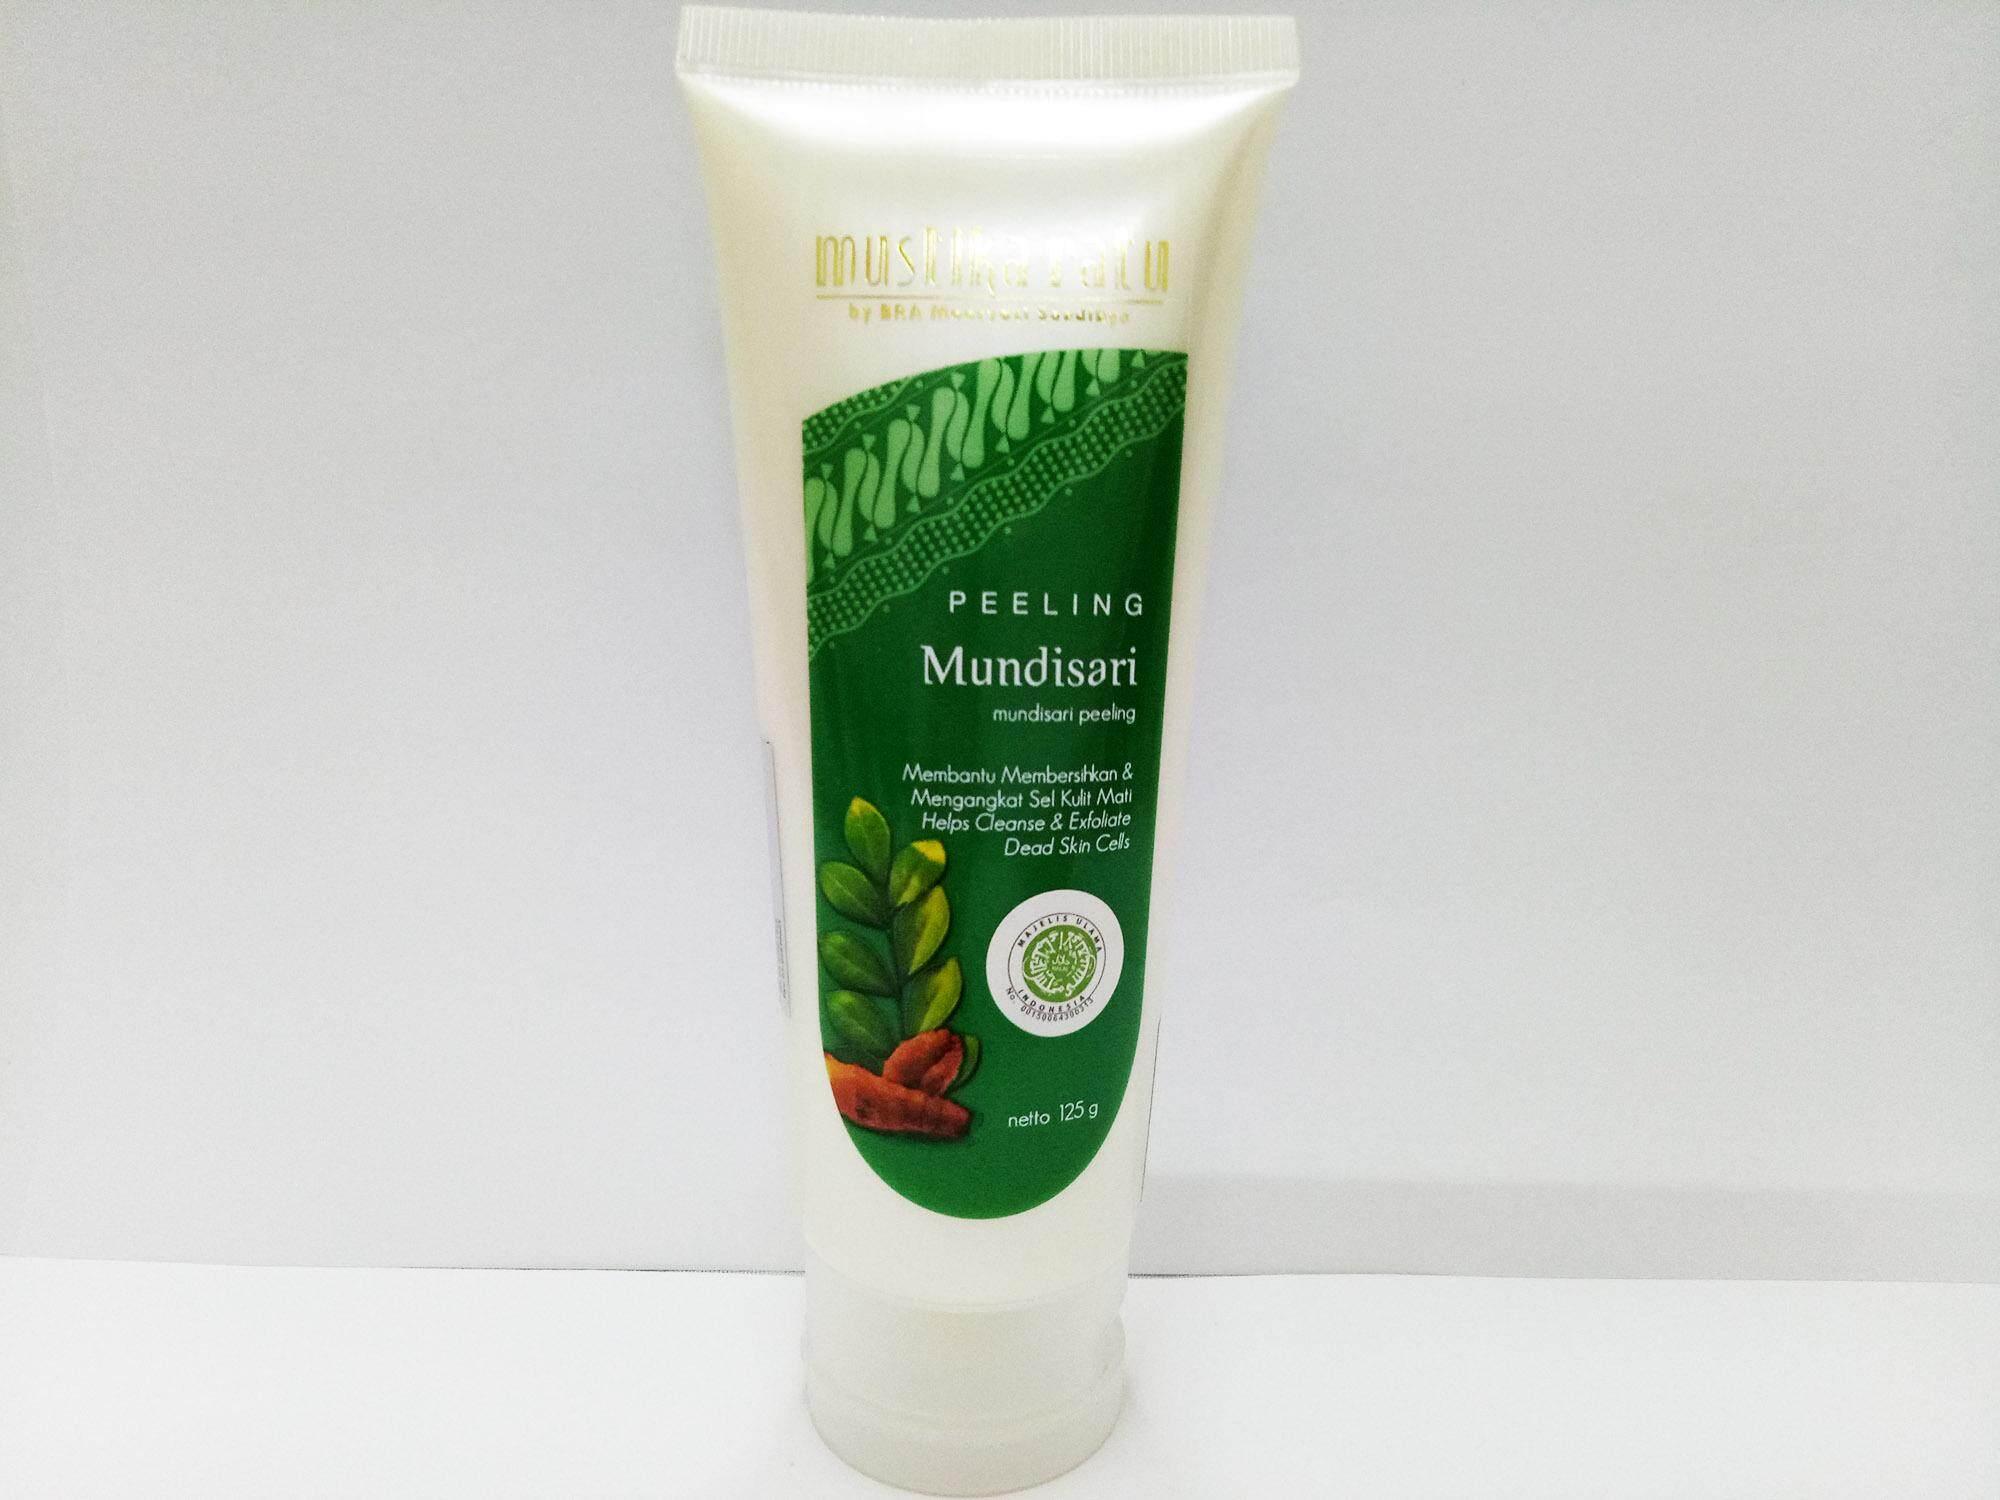 Features Mustika Ratu Penyegar Sari Jeruk Nipis 150ml Dan Harga Pembersih 2 In 1 Whitening 150 Ml Peeling Mundisari Tube 125ml